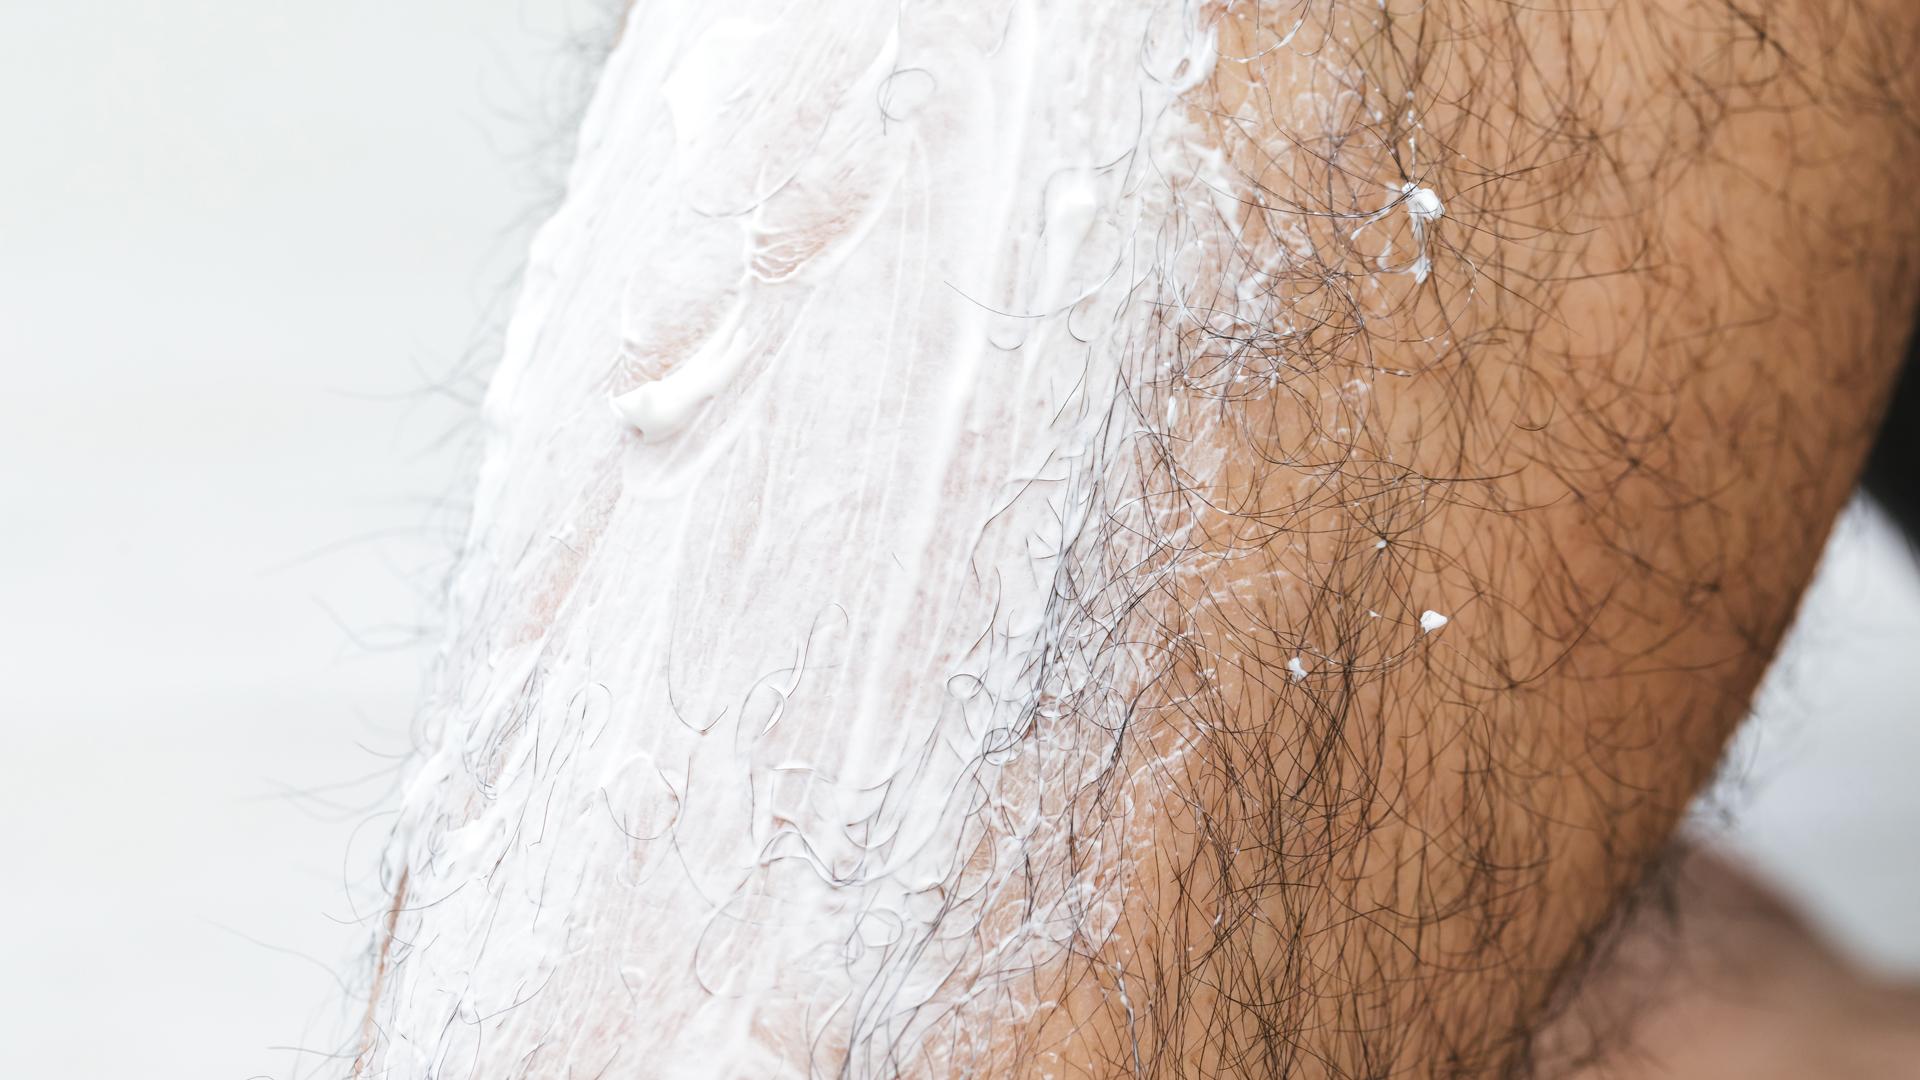 【メンズ】脱毛クリームは毛が濃くなる?痛みがある?【疑問解決】